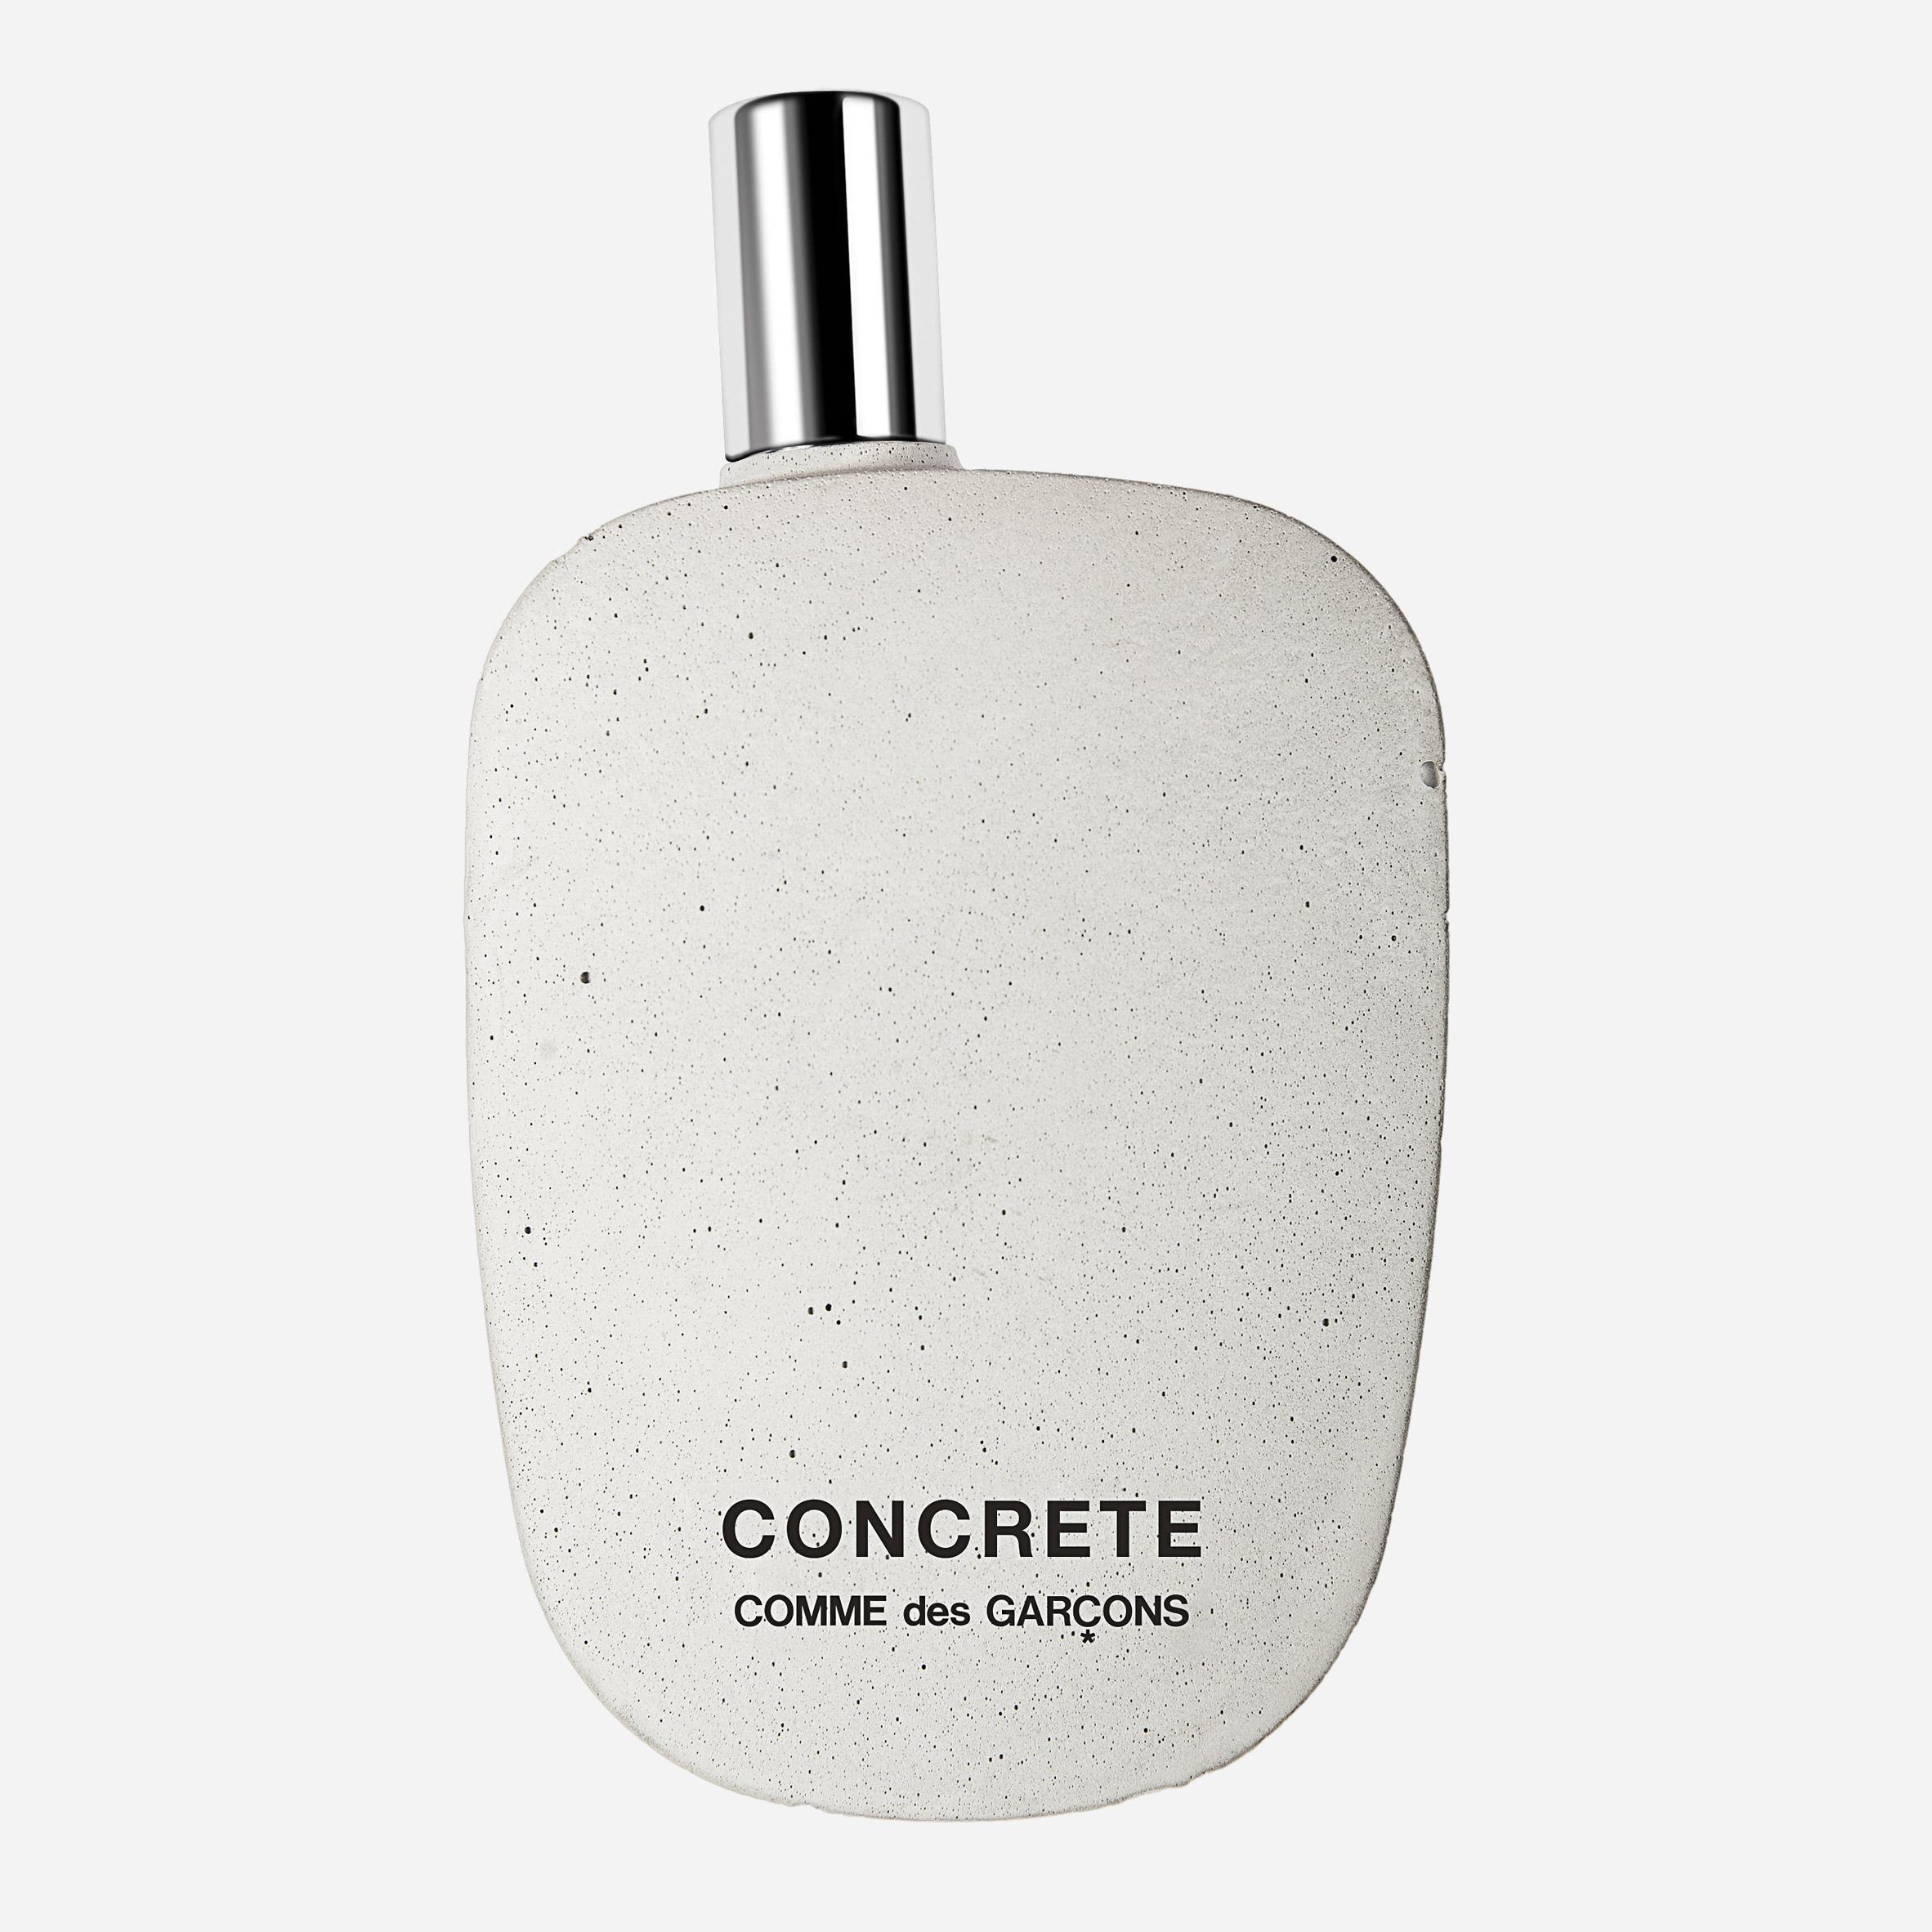 Comme des Garçons celebrates concrete with latest perfume